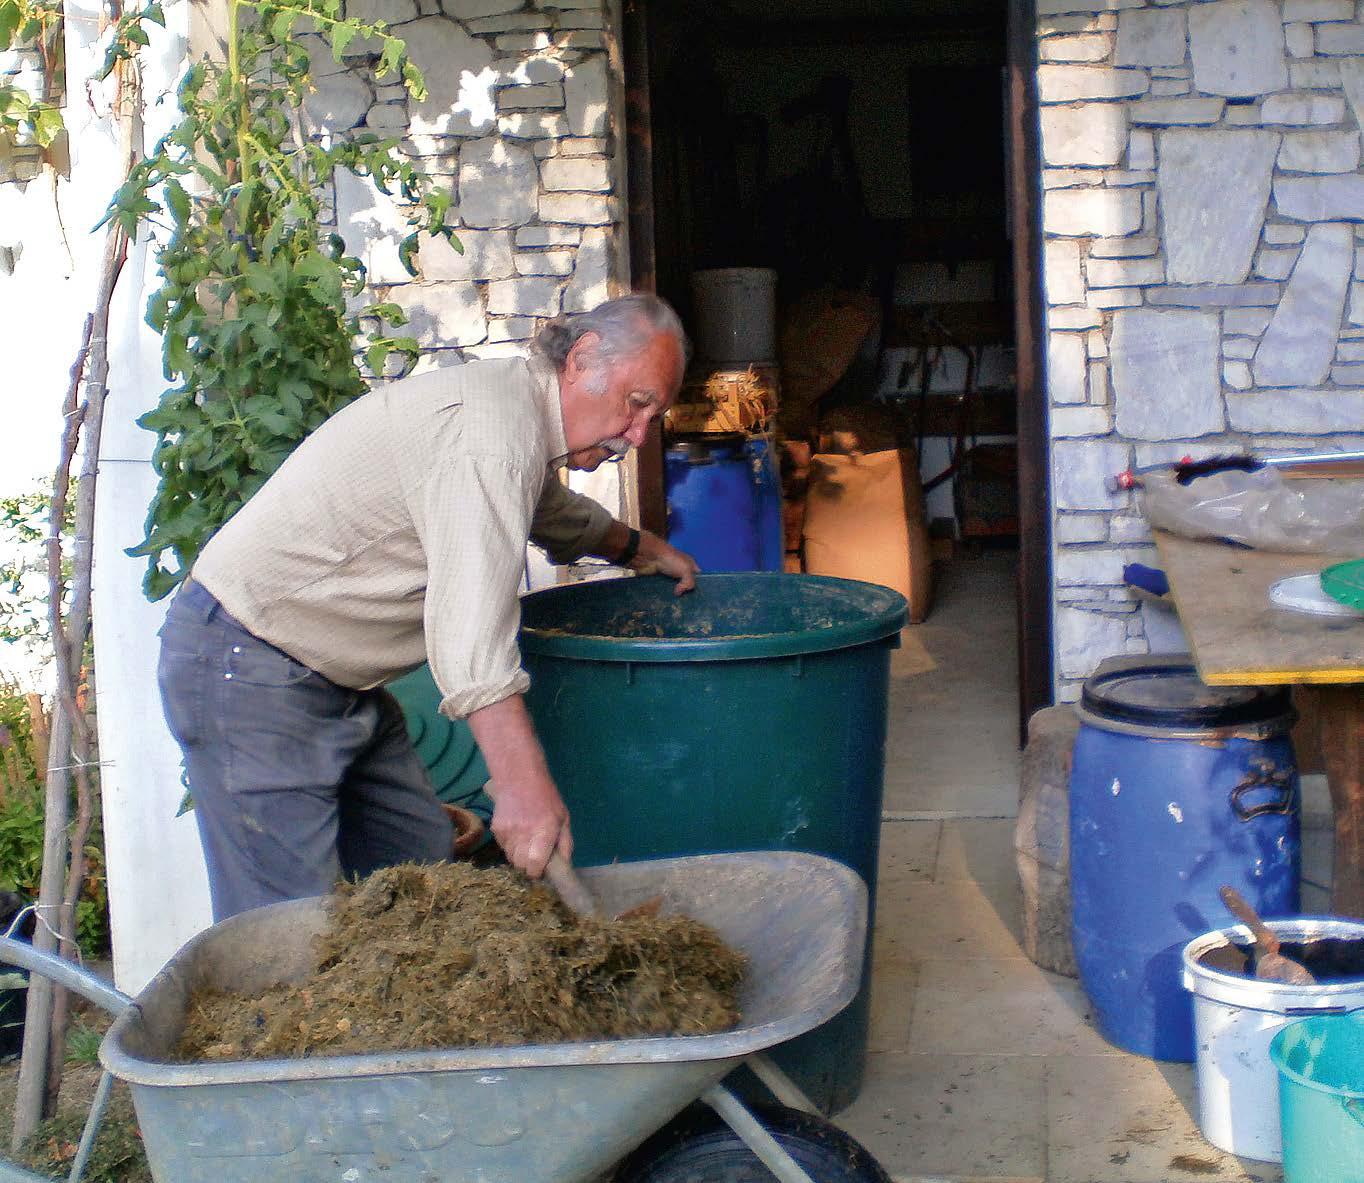 Der Autor Manfred Kriegl bei der Bokashi-Zubereitung in seinem Garten